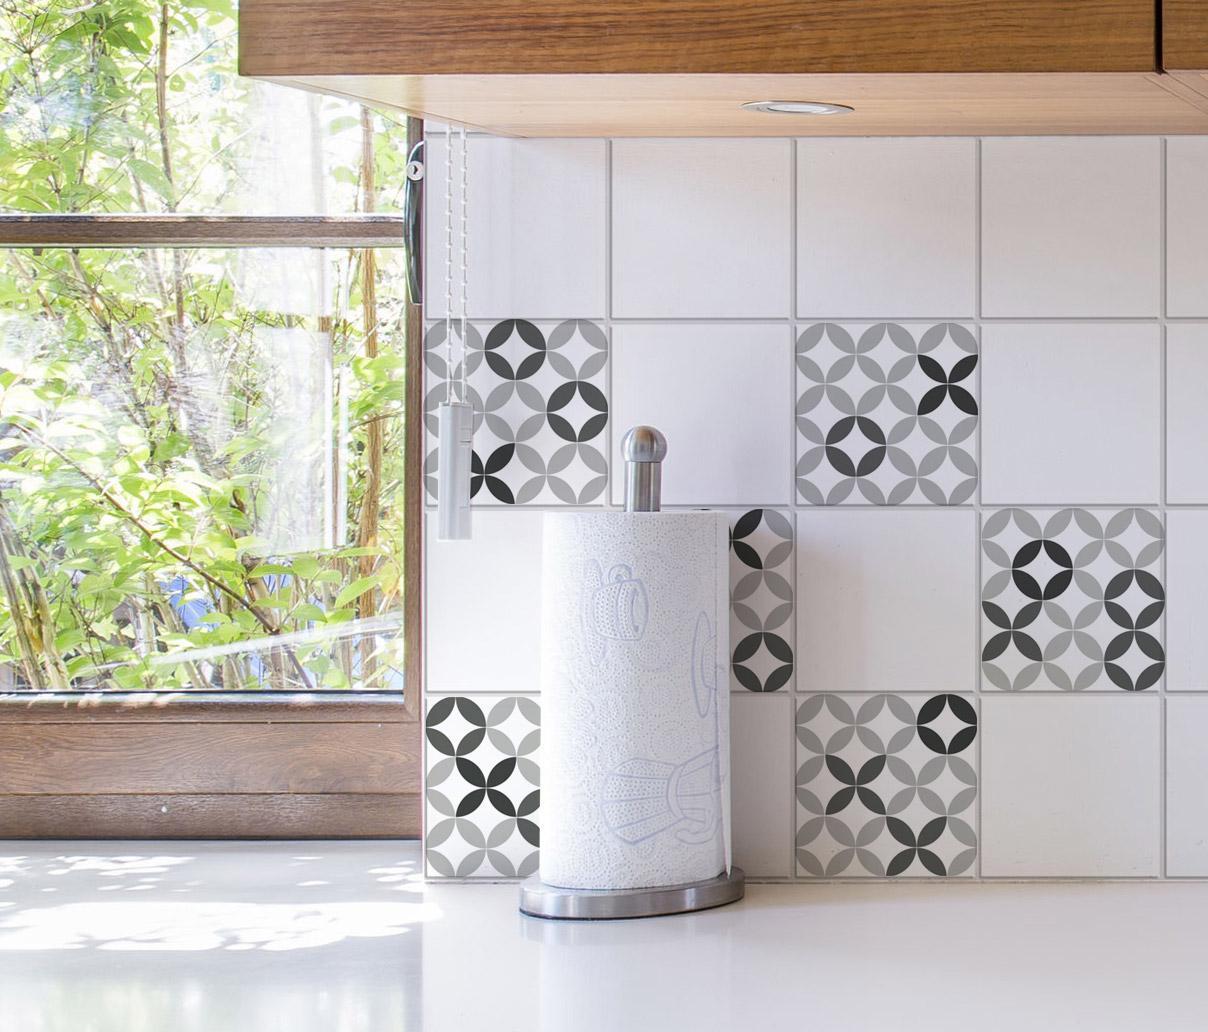 Adhesif Sur Carrelage Cuisine stickers adhésifs carrelage mural céramique noir & blanc 15 cm x 15 cm